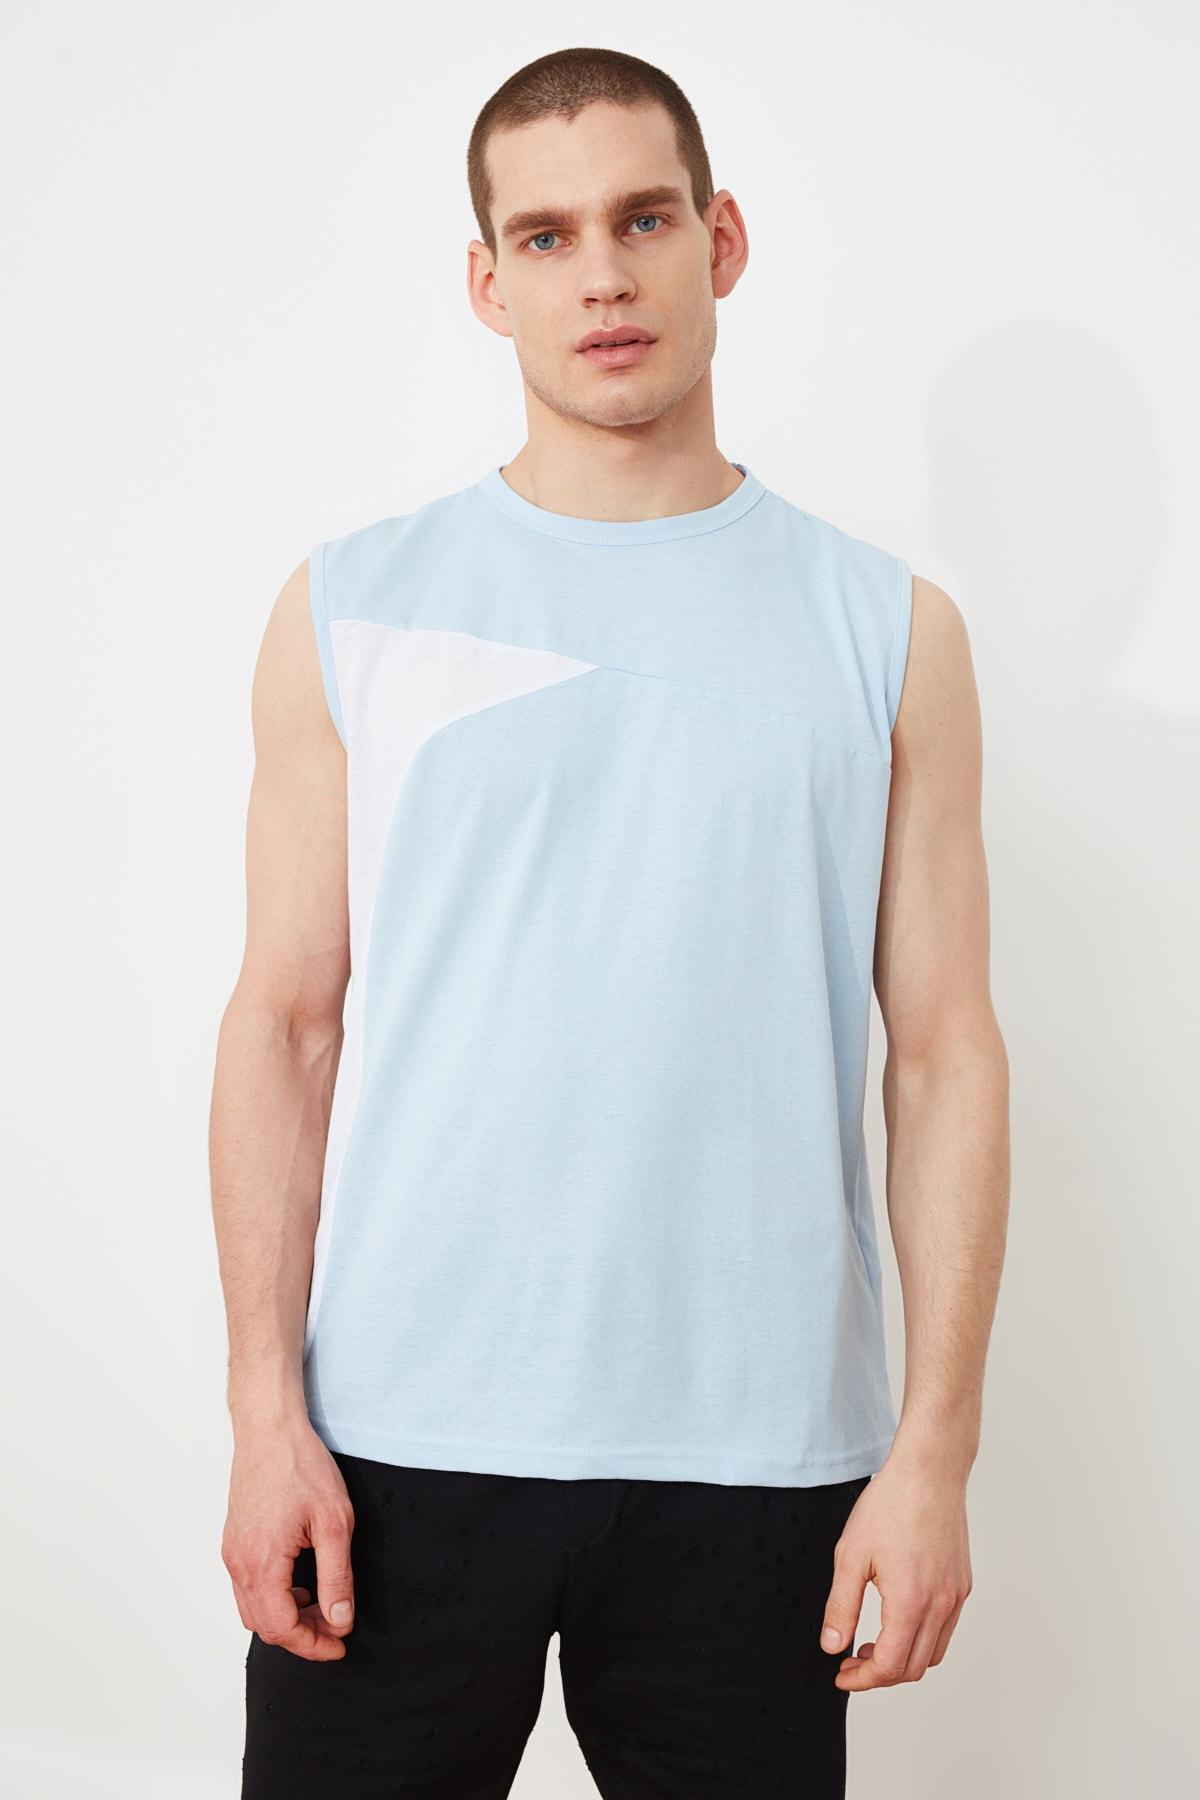 خرید انلاین رکابی مردانه خاص مارک ترندیول مرد رنگ آبی کد ty97060635